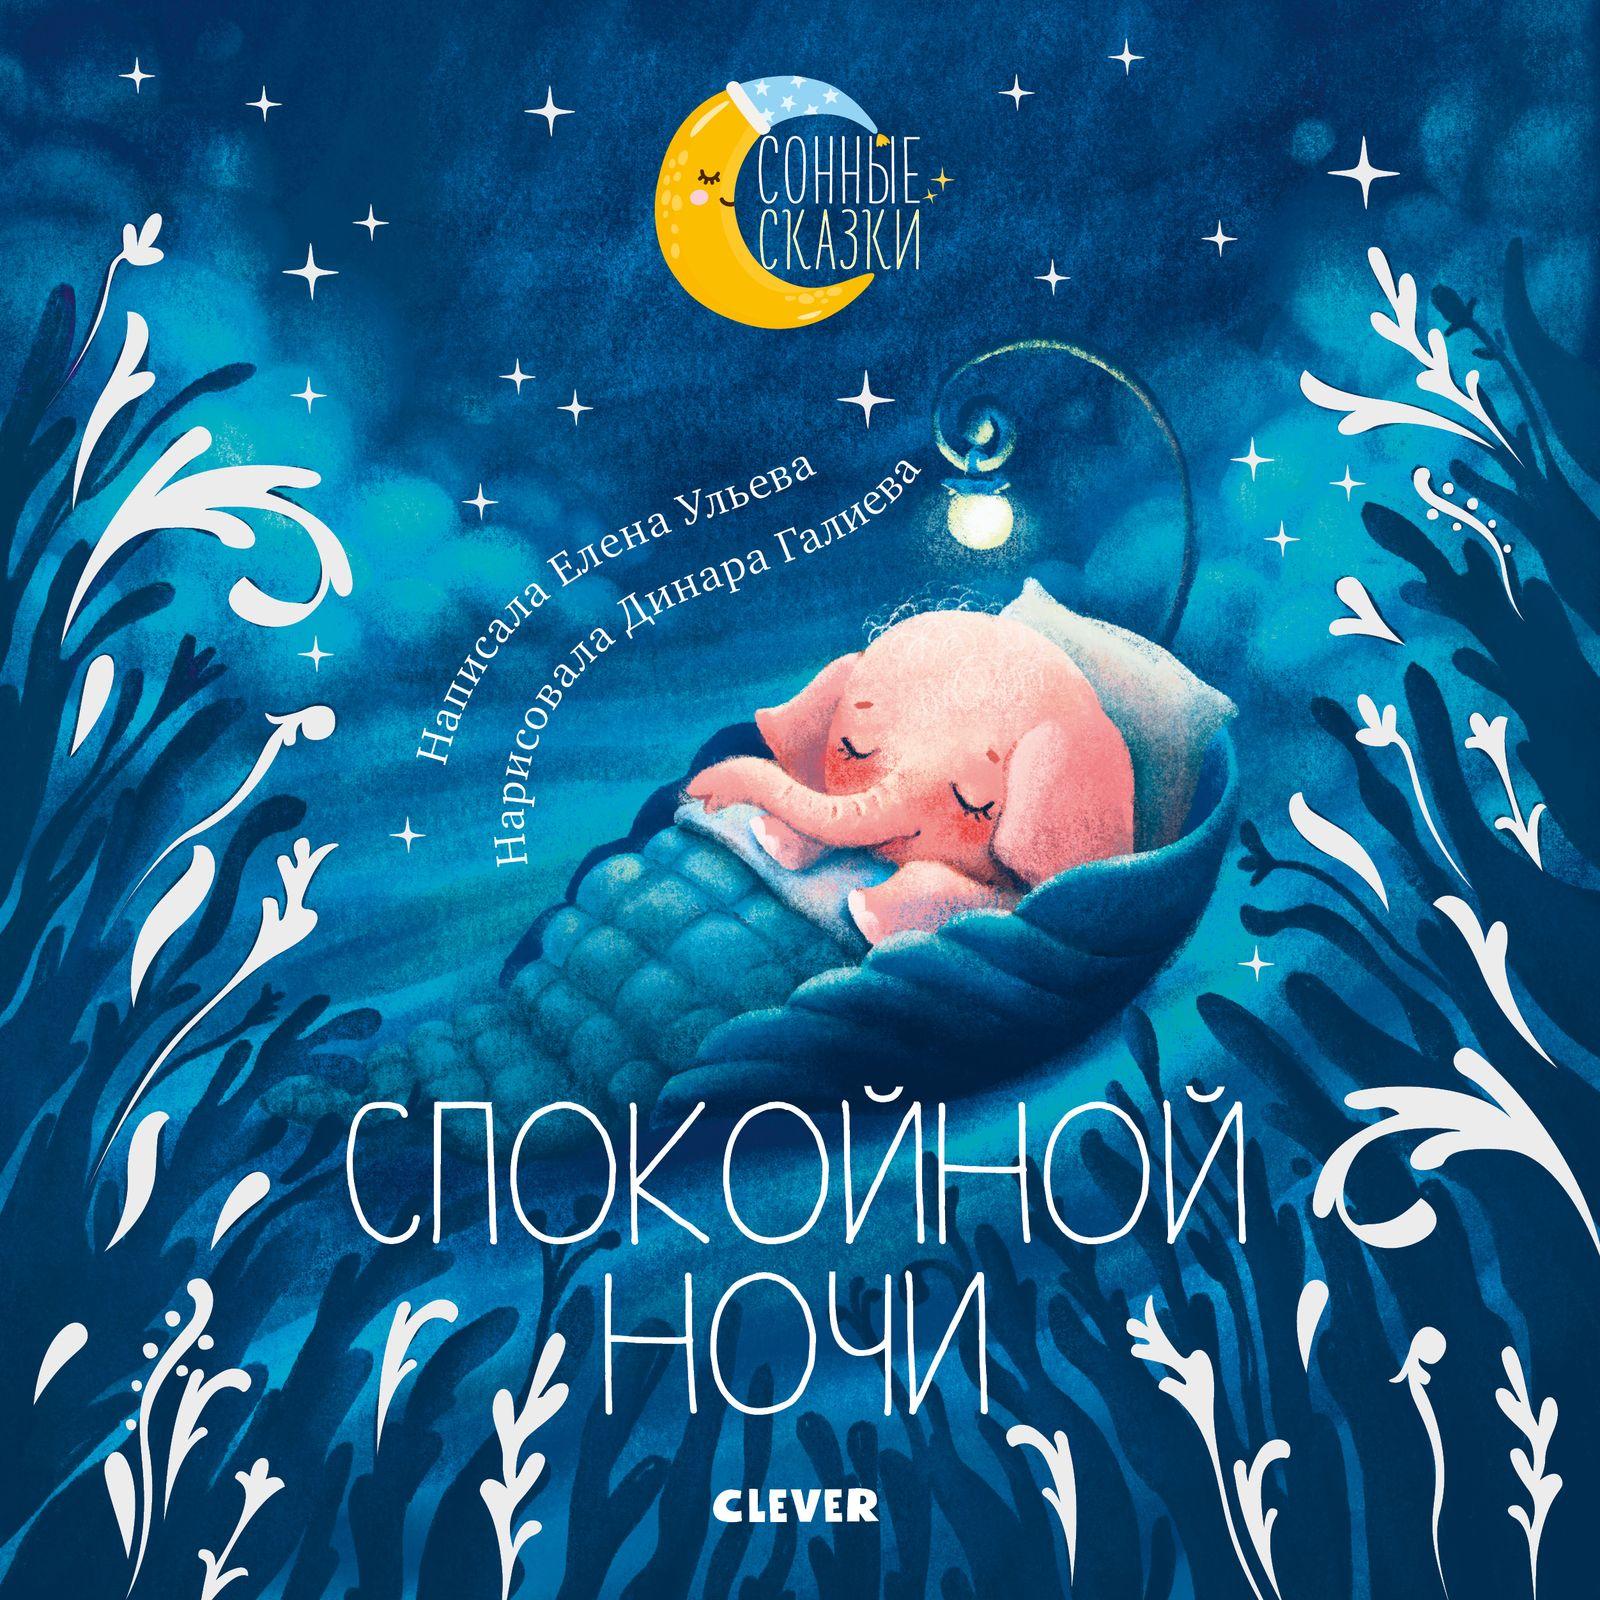 Купить Сонные сказки. Спокойной ночи. Сказки, которые помогут быстро уснуть и сладко спать, Издательство Клевер